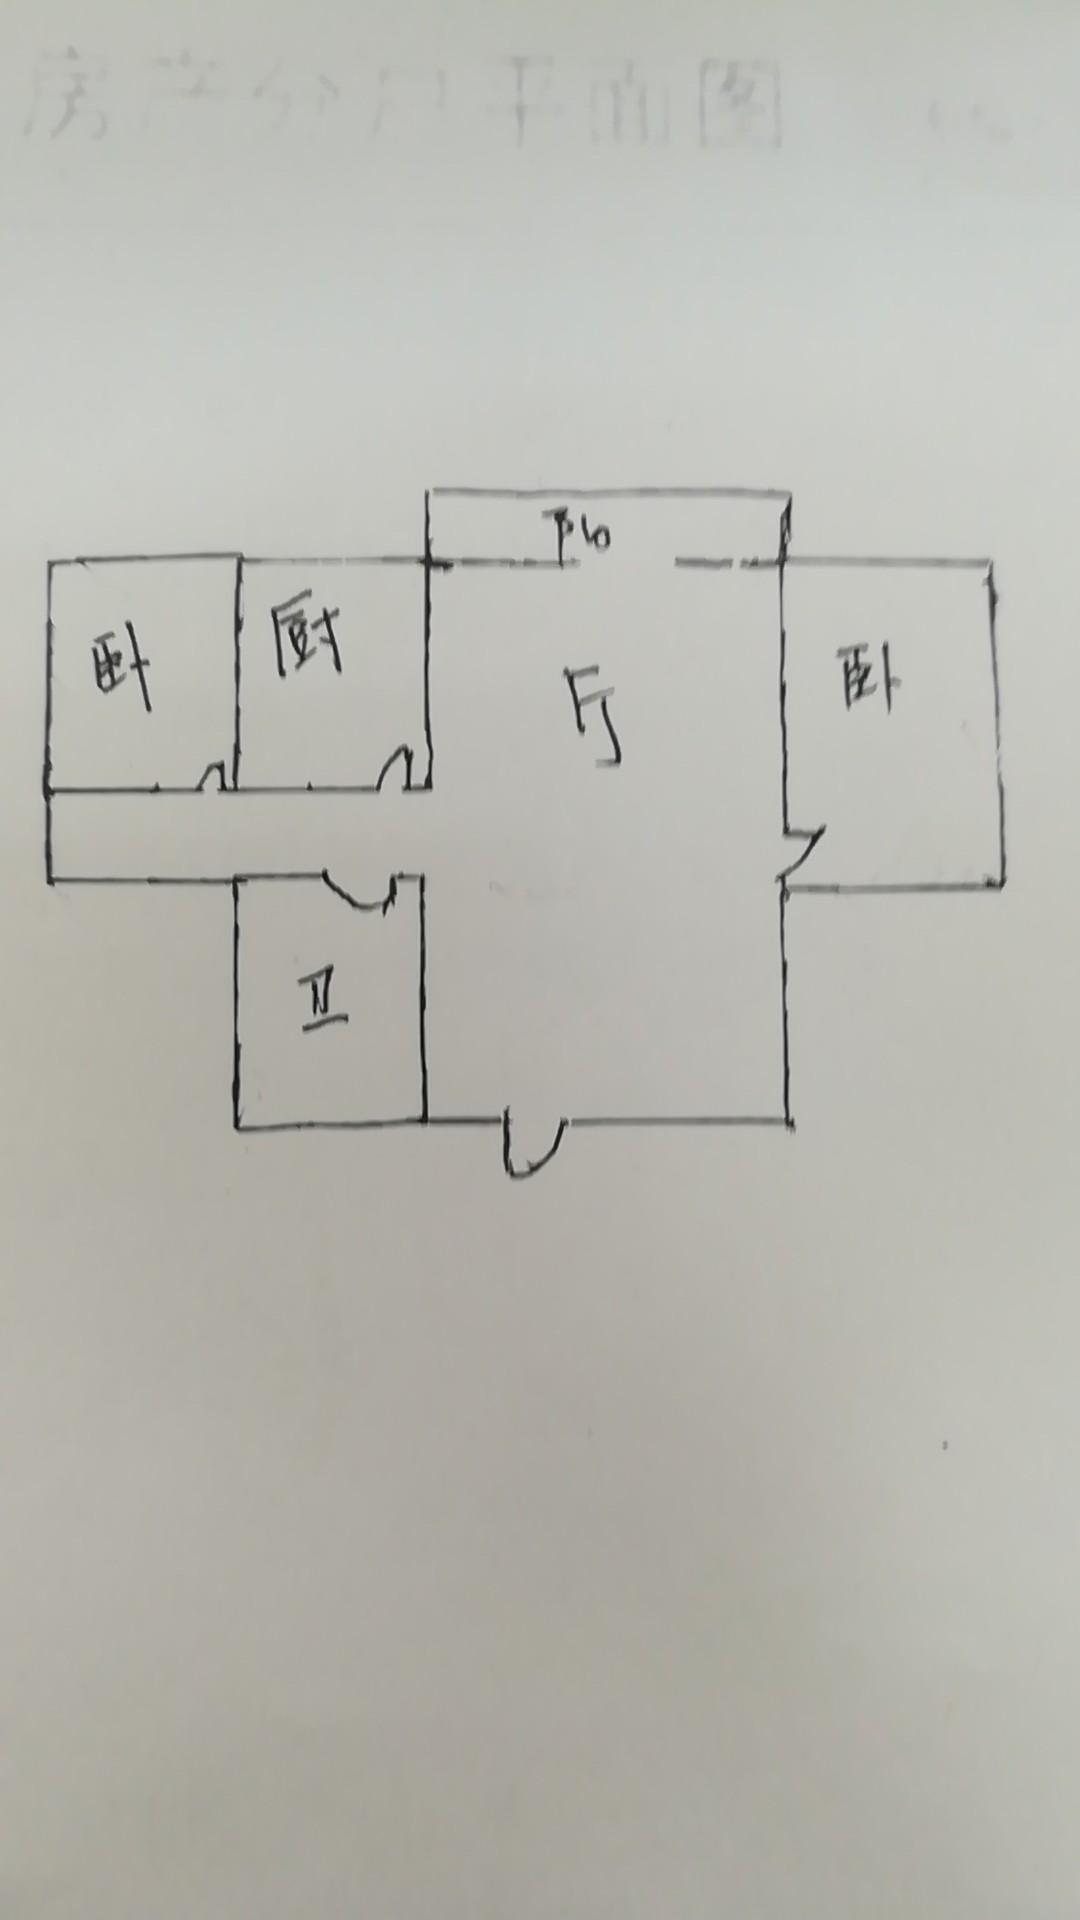 水文队宿舍 2室1厅 双证齐全 简装 56万